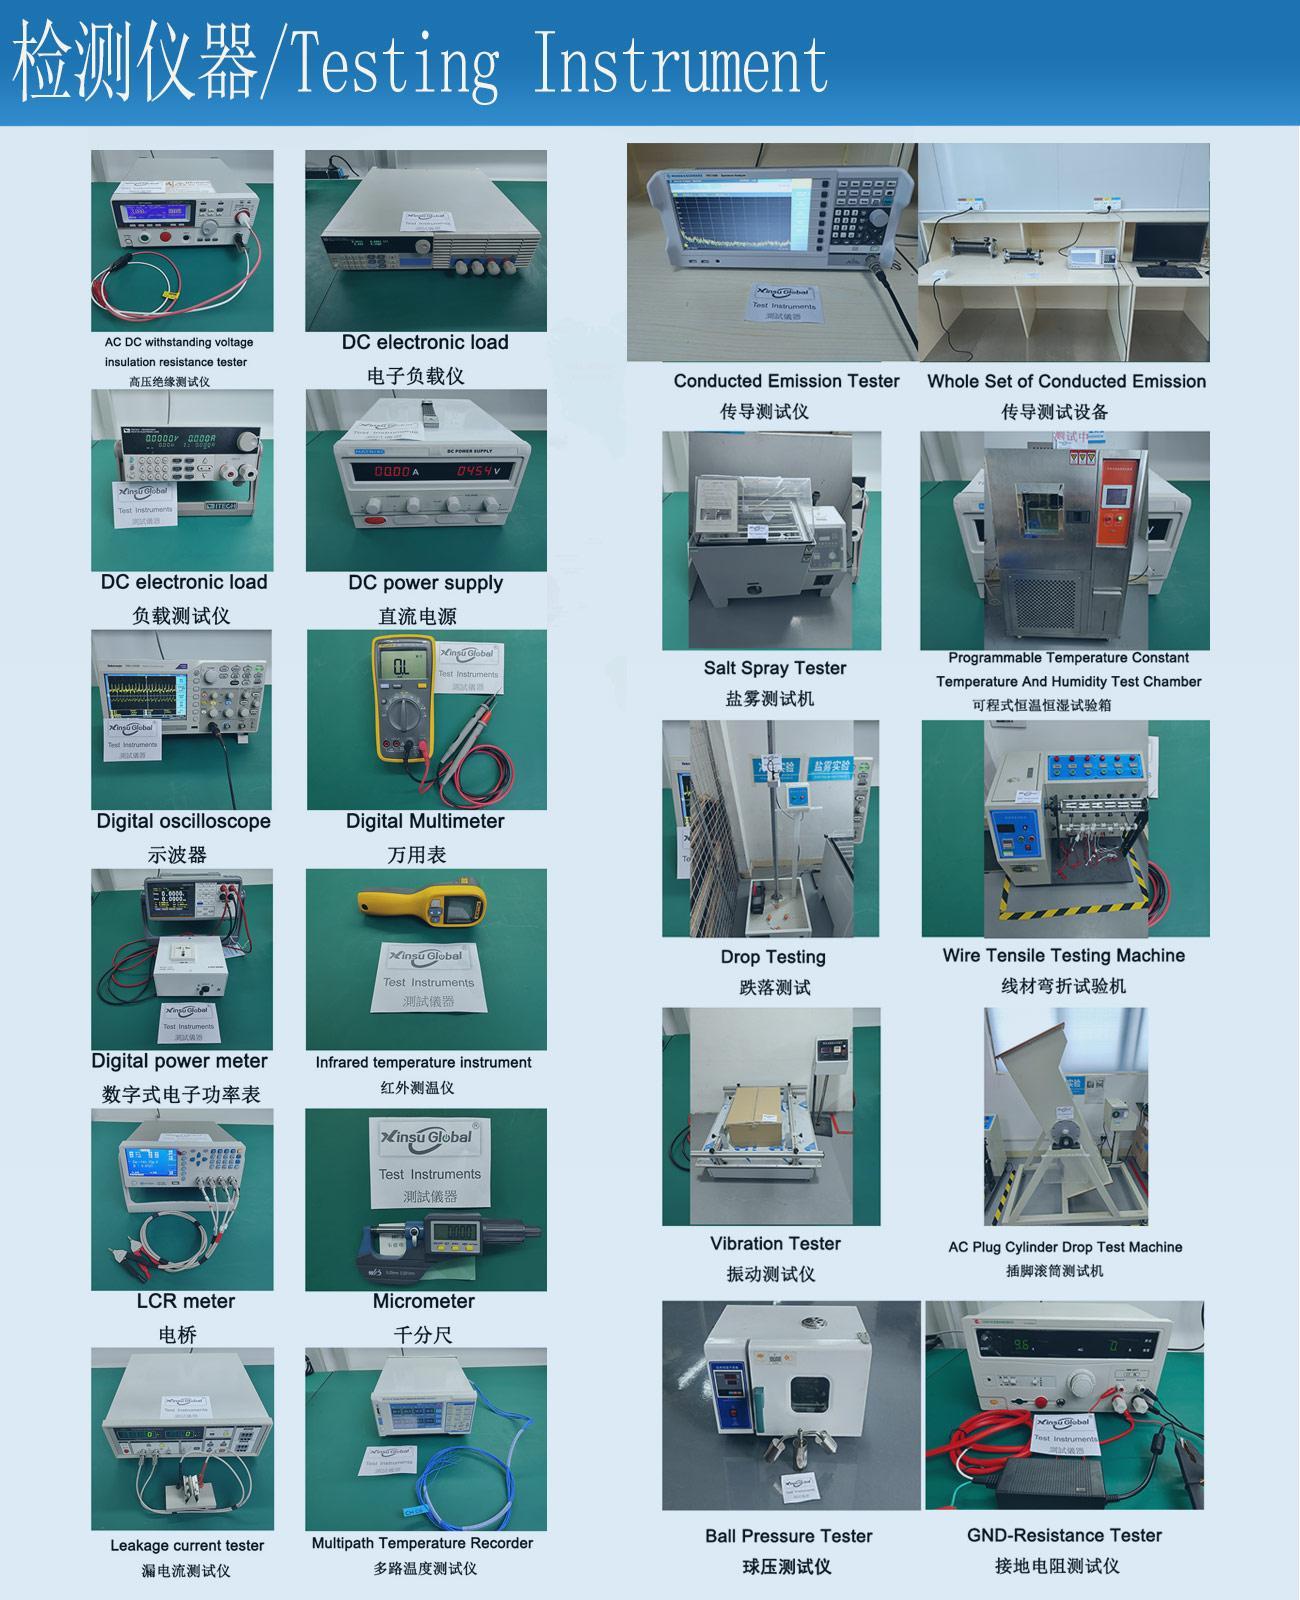 12.6V1A充电器 儿童教育机器人充电器 美规充电器 8